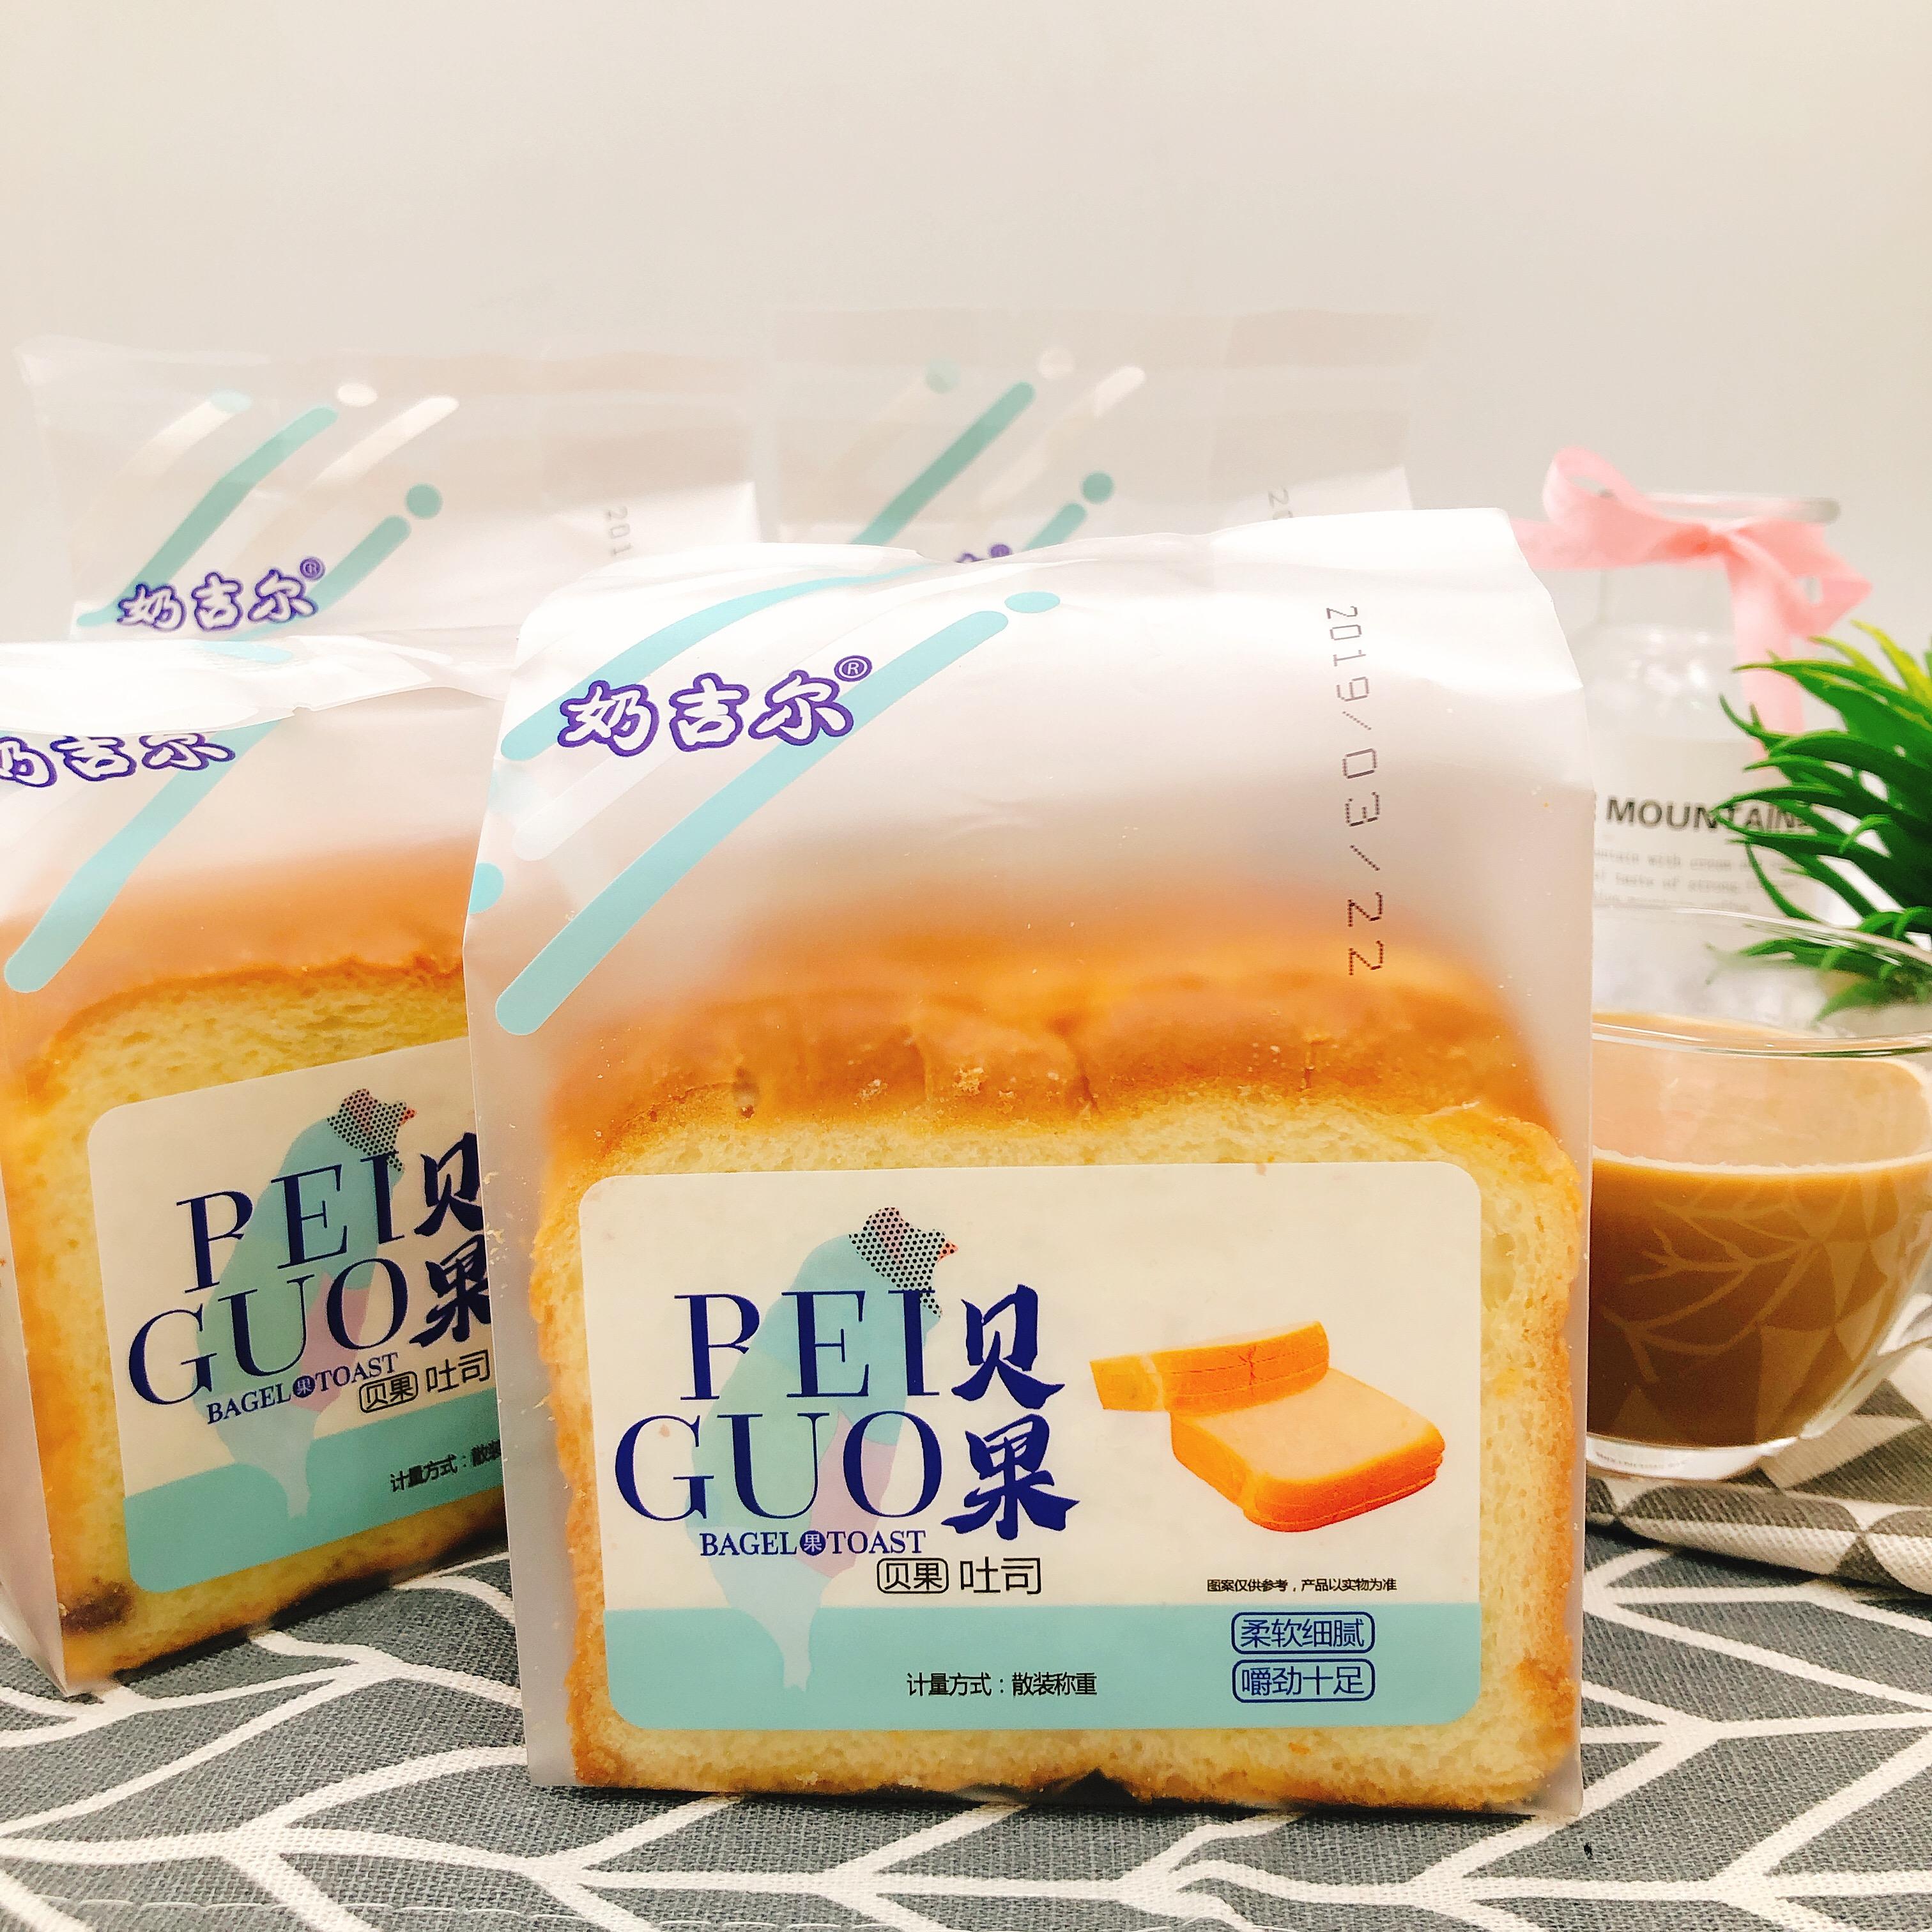 奶吉尔纯吐司贝果吐司5斤装切片夹心三明治手撕口袋面包多省包邮